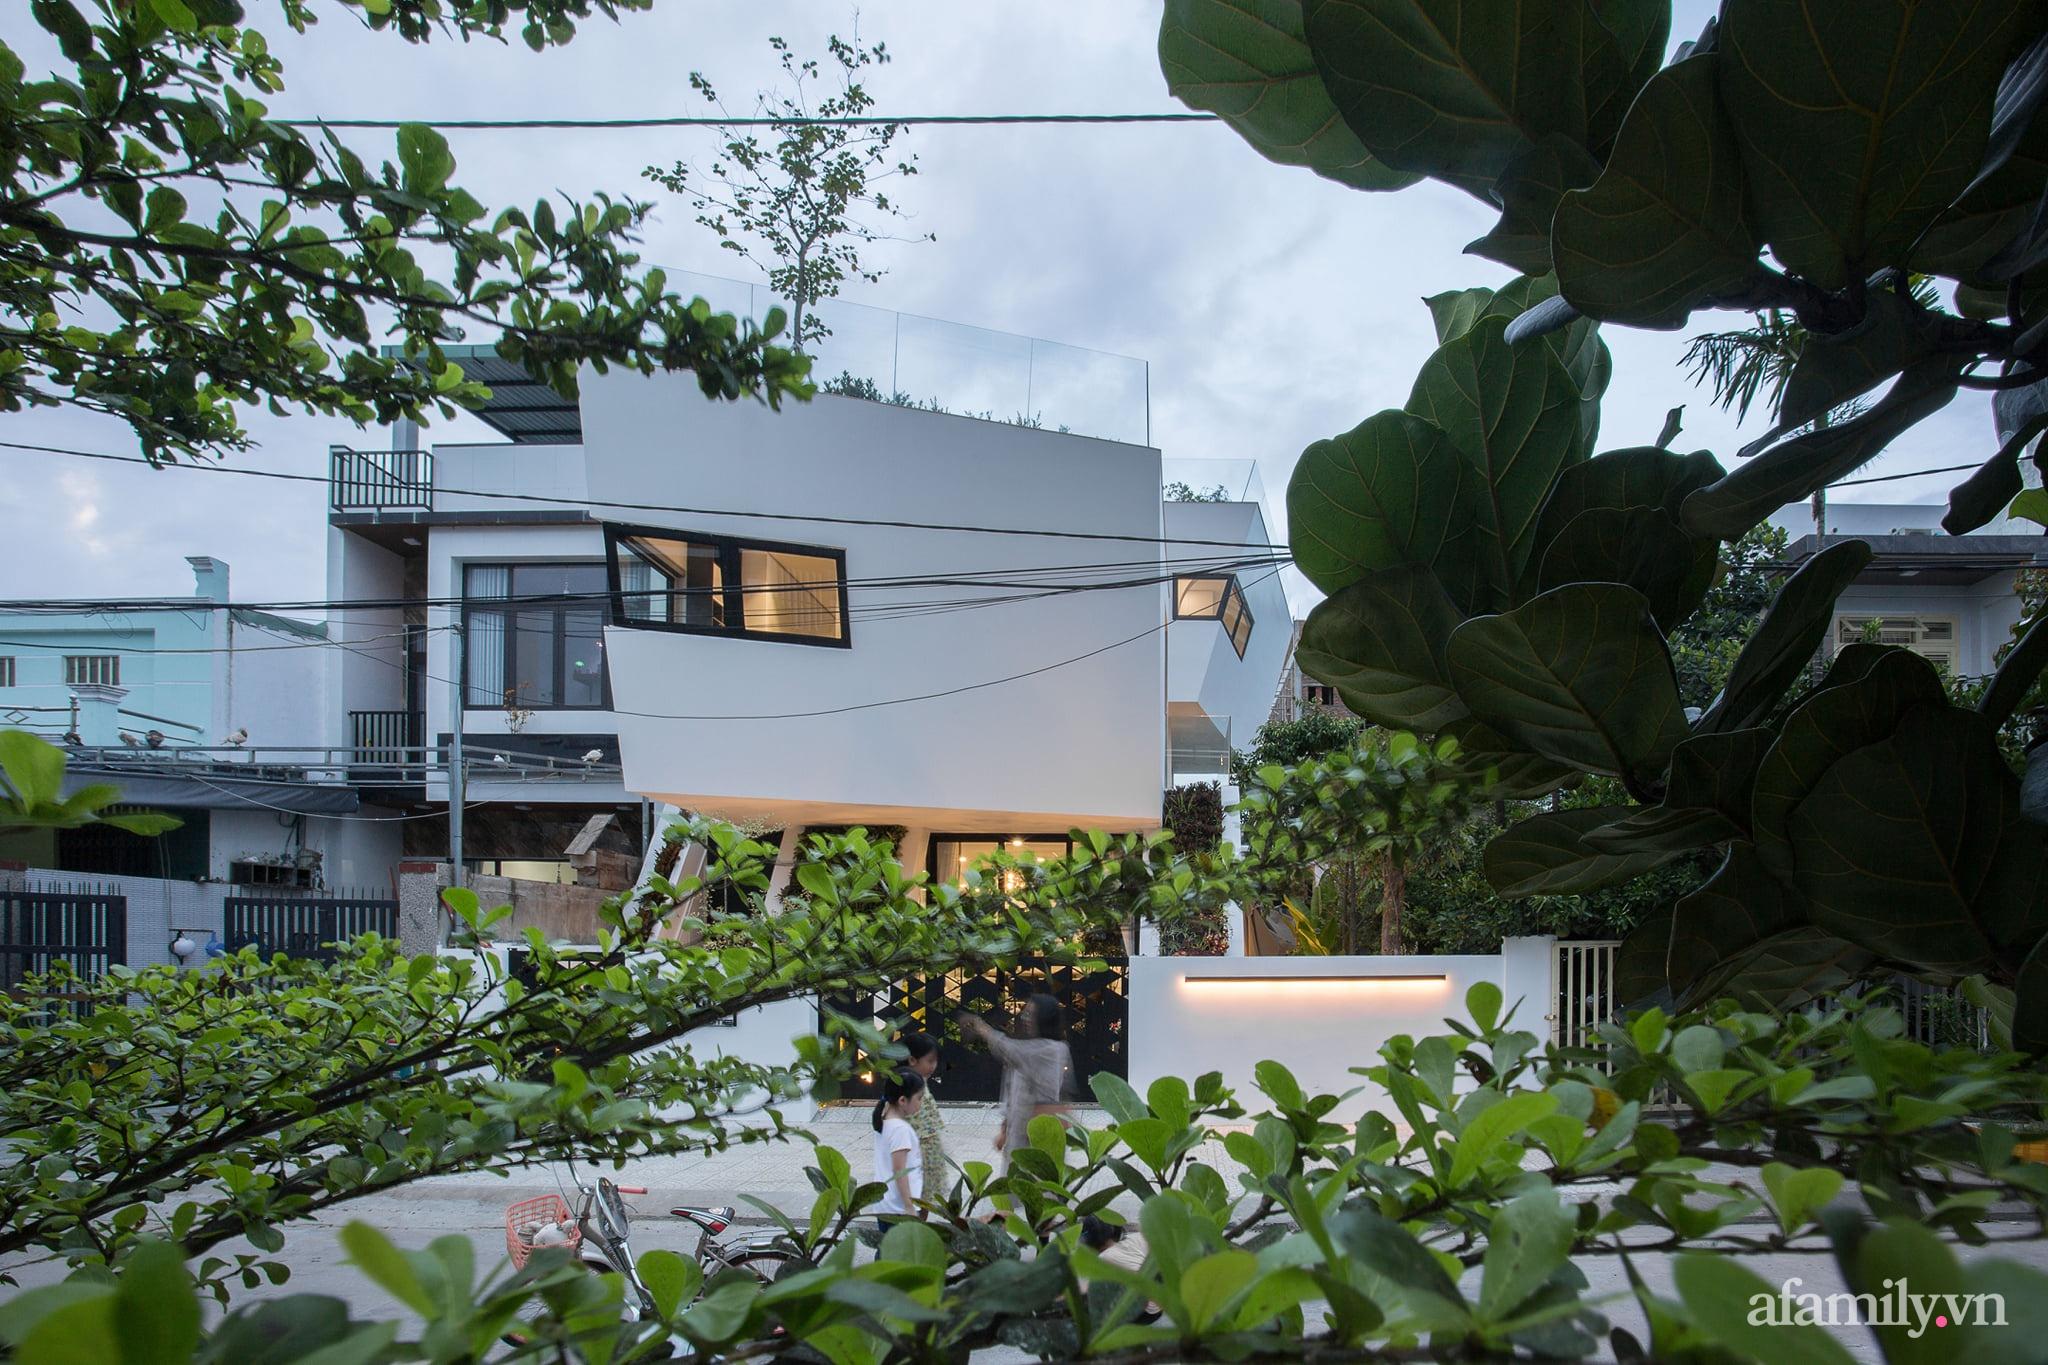 Nhà phố độc lạ được thiết kế lấy cảm hứng từ phi thuyền ở Đà Nẵng - Ảnh 6.